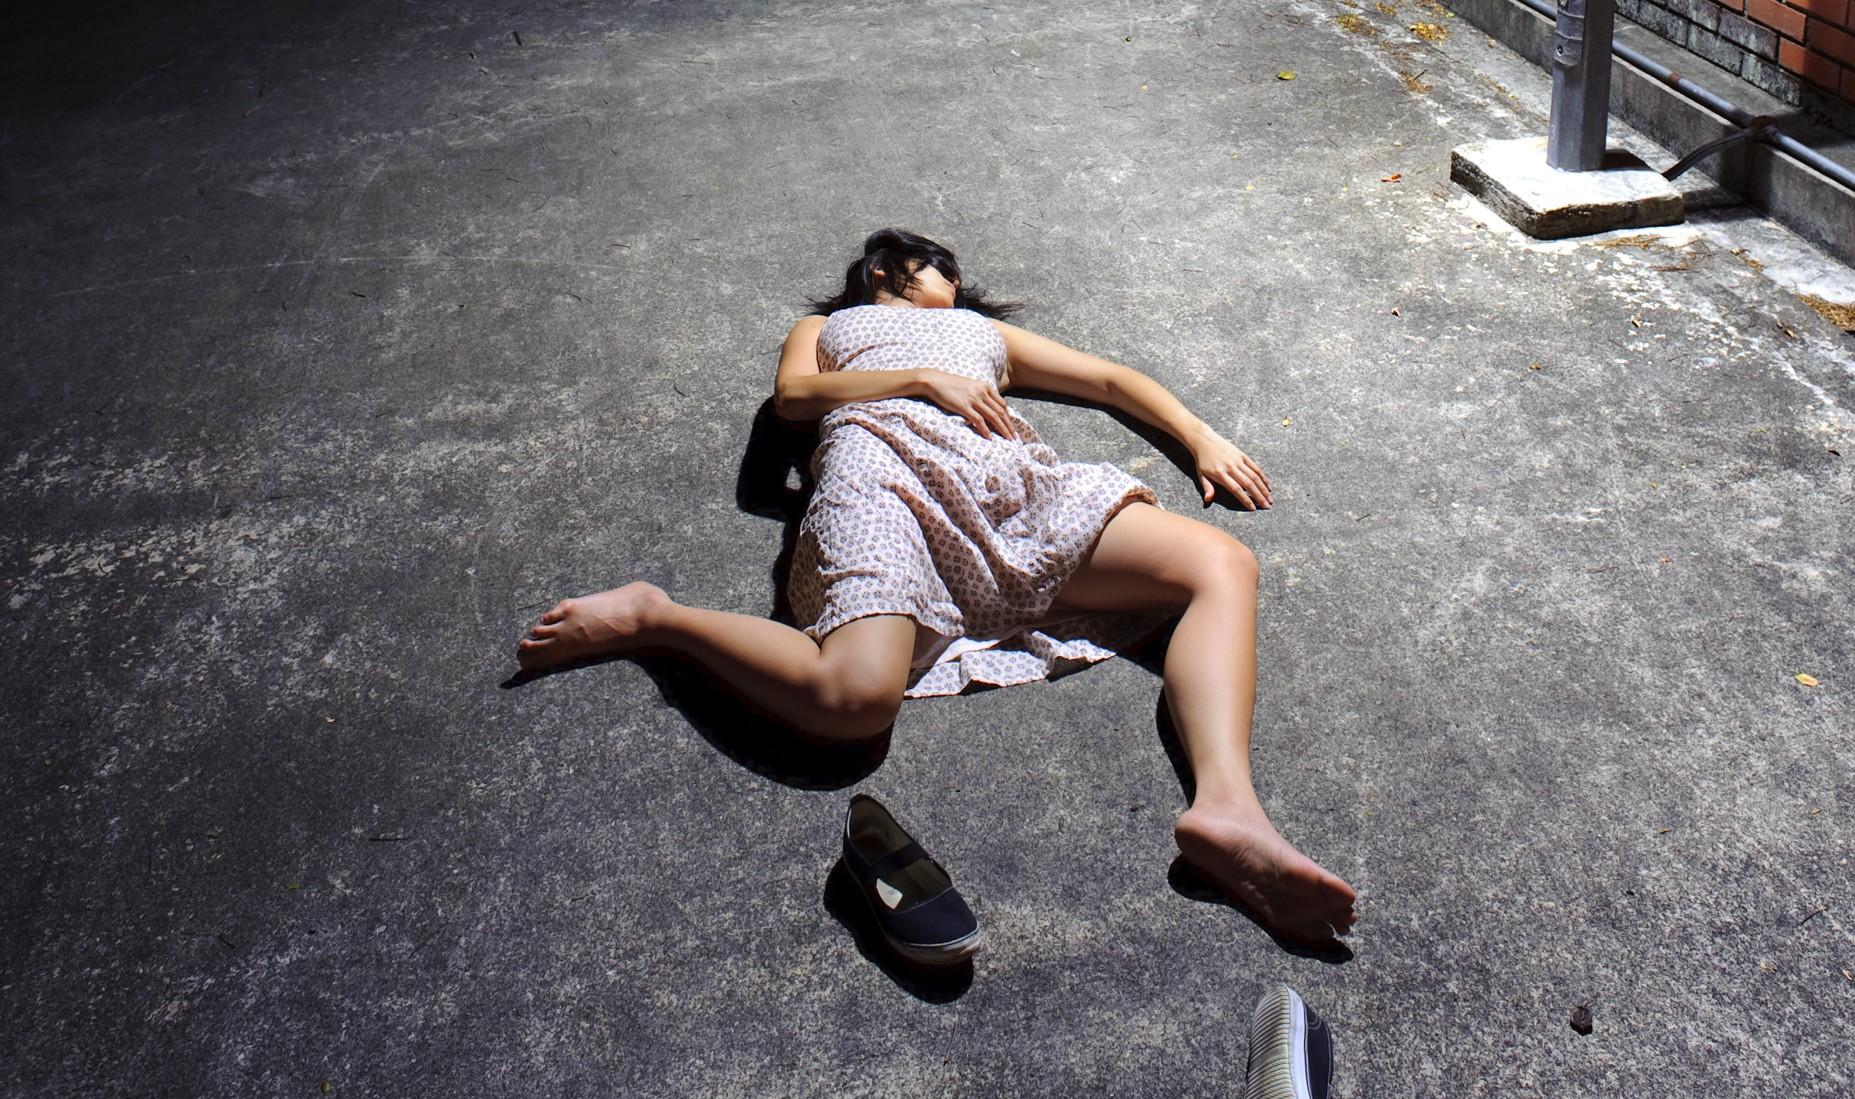 泥酔女をお持ち帰り☆63日目 [無断転載禁止]©bbspink.comYouTube動画>2本 ->画像>66枚